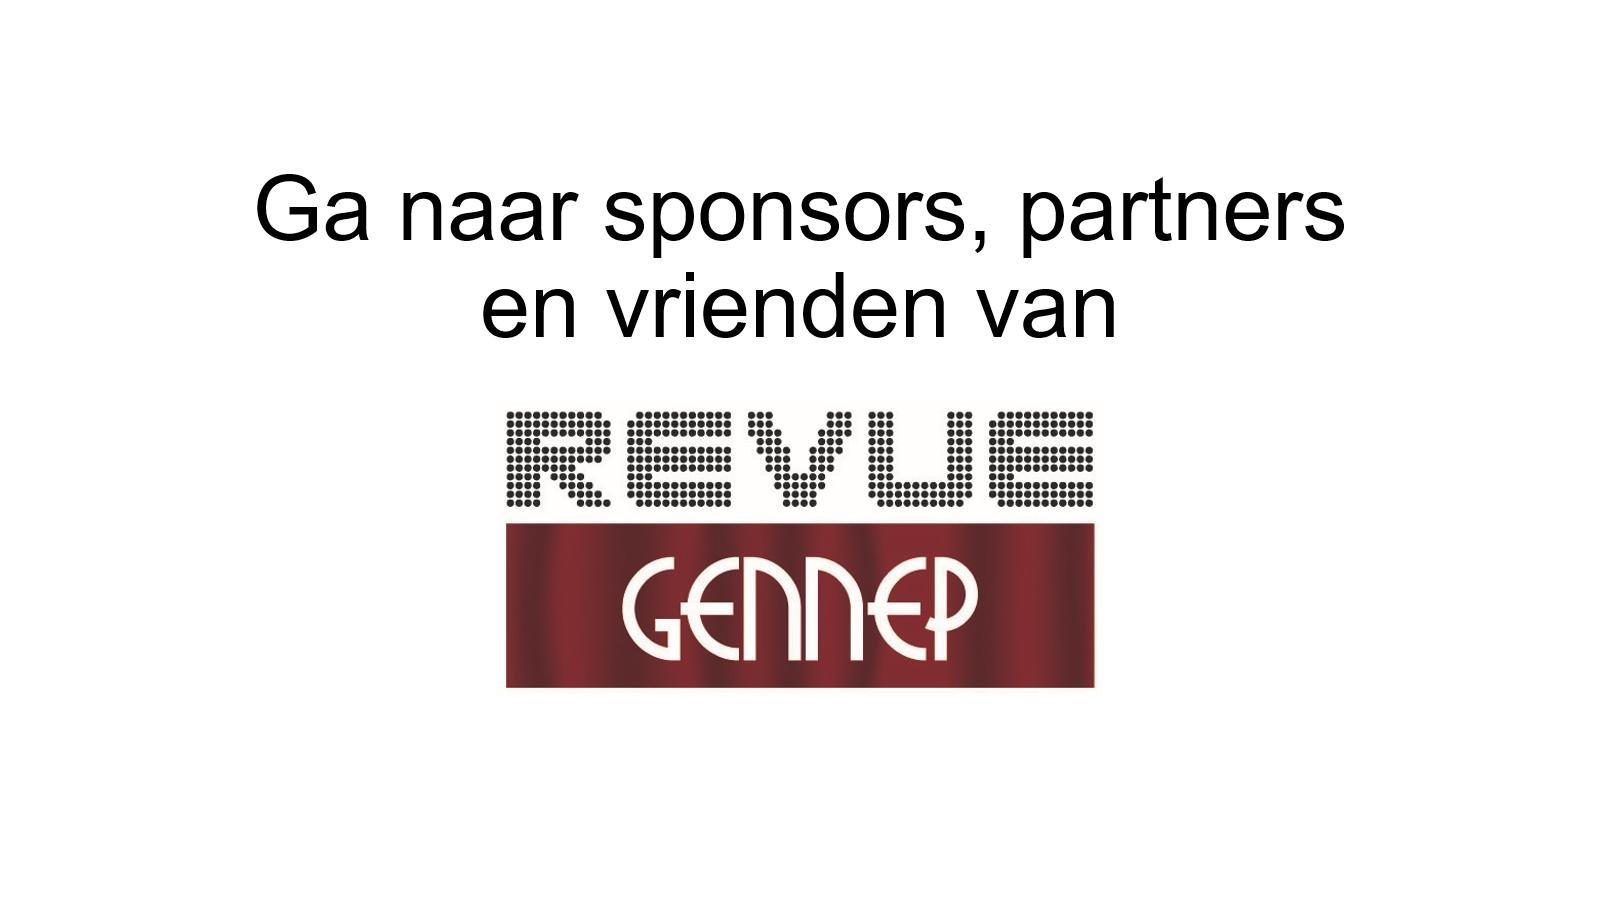 Ga naar sponsors